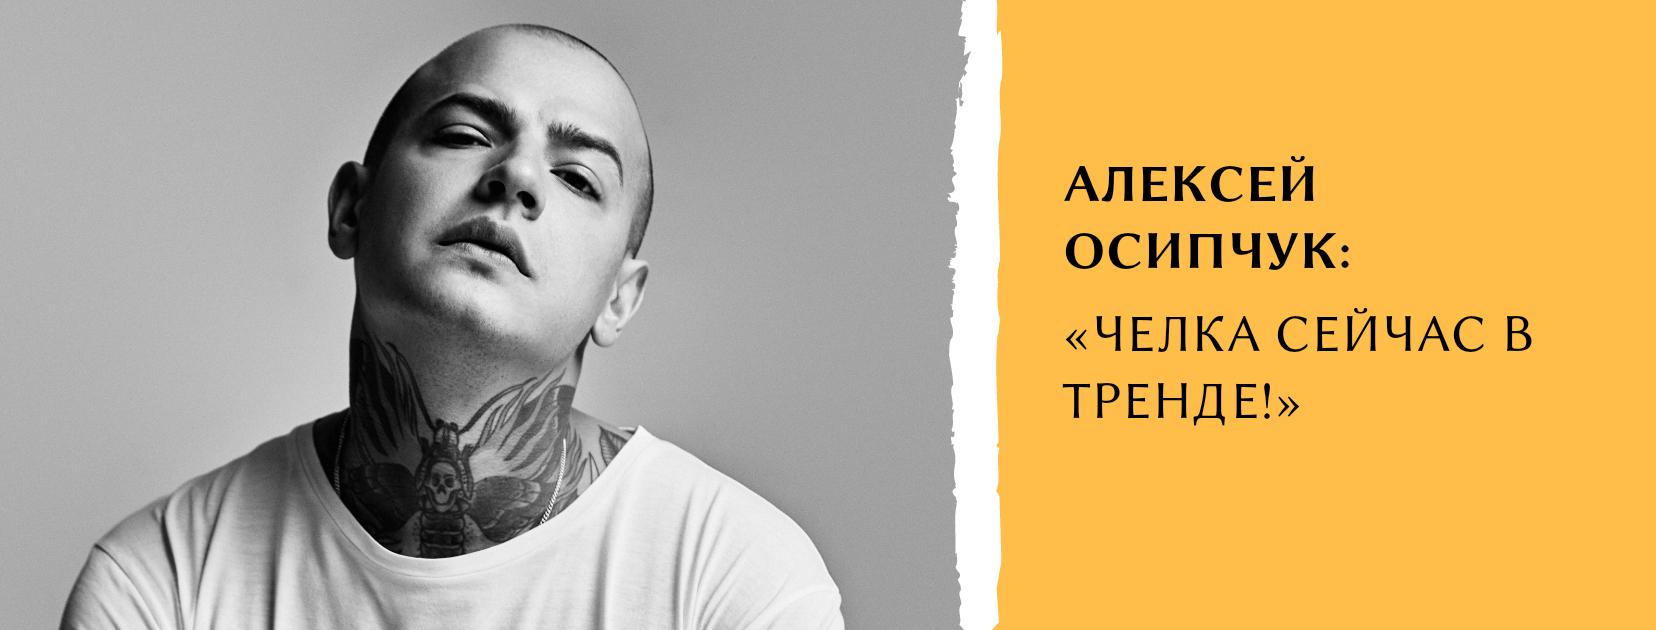 Алексей Осипчук в ТК ЭКОПОЛИС premium